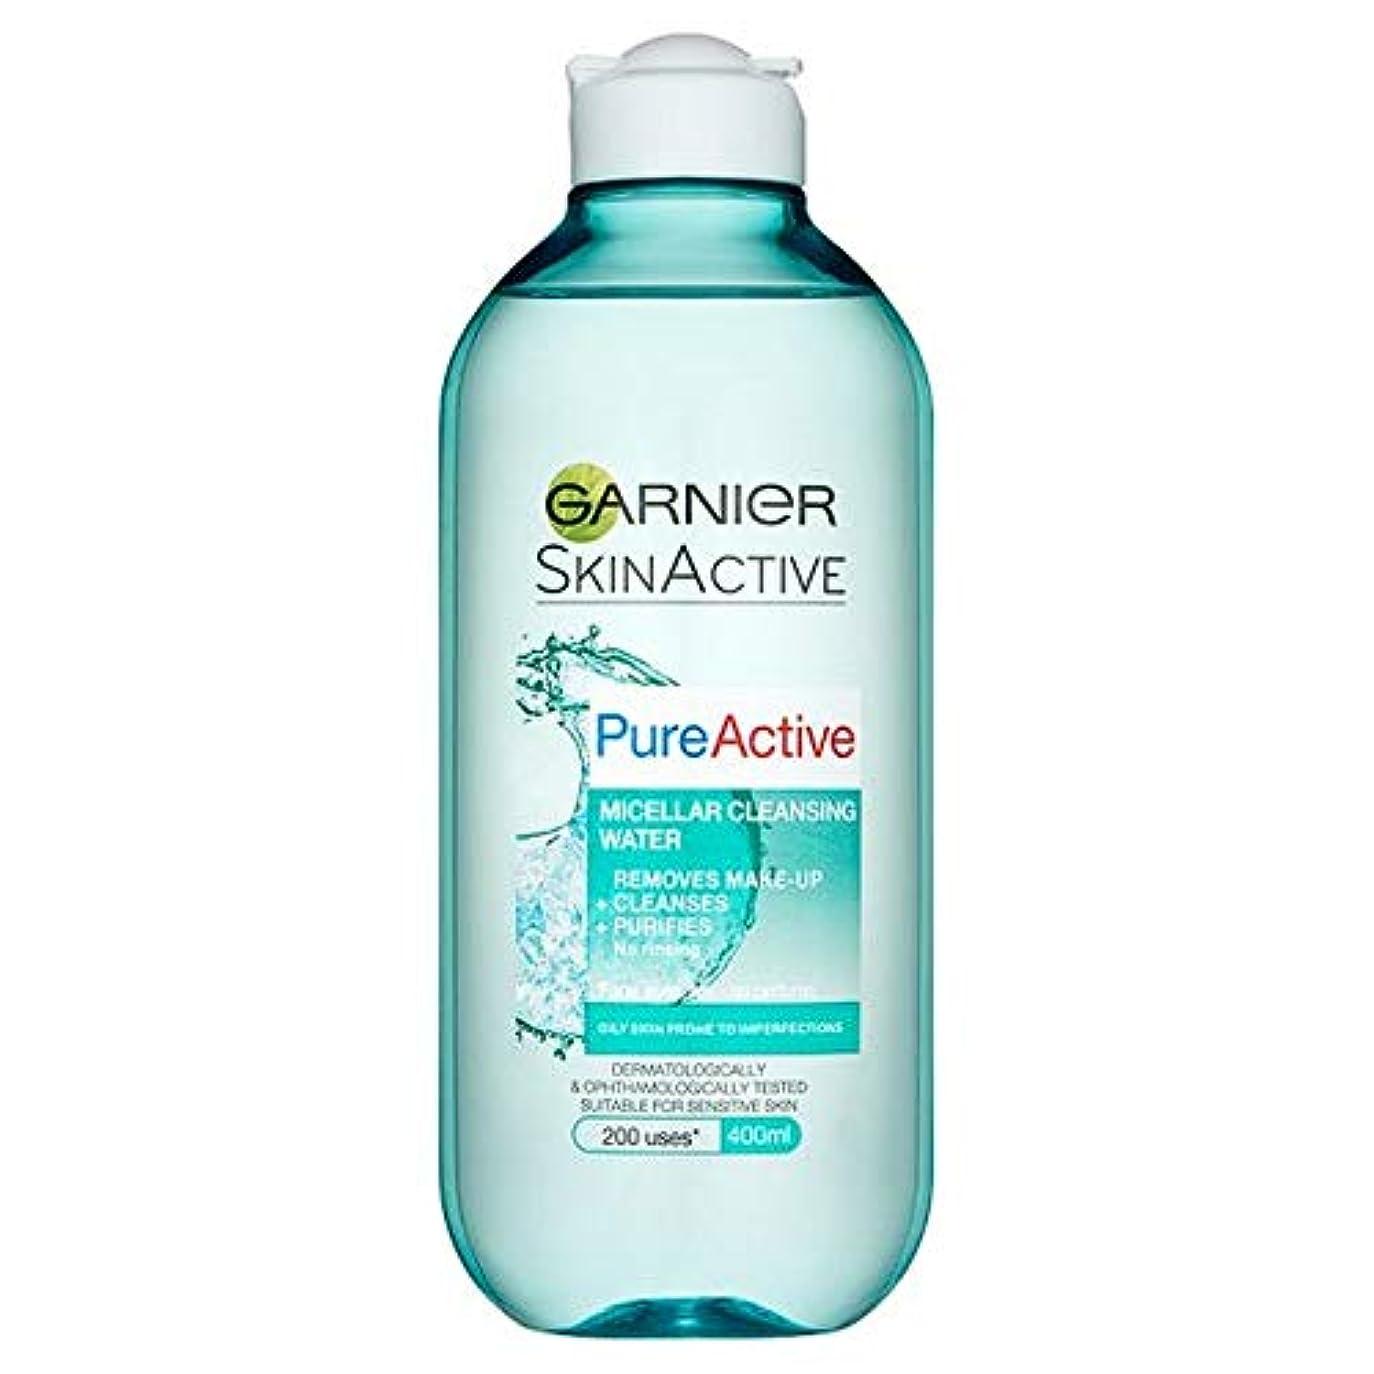 パラナ川かんたんあご[Garnier] 純粋な活性ミセル水脂性肌用400ミリリットル - Pure Active Micellar Water Oily Skin 400Ml [並行輸入品]